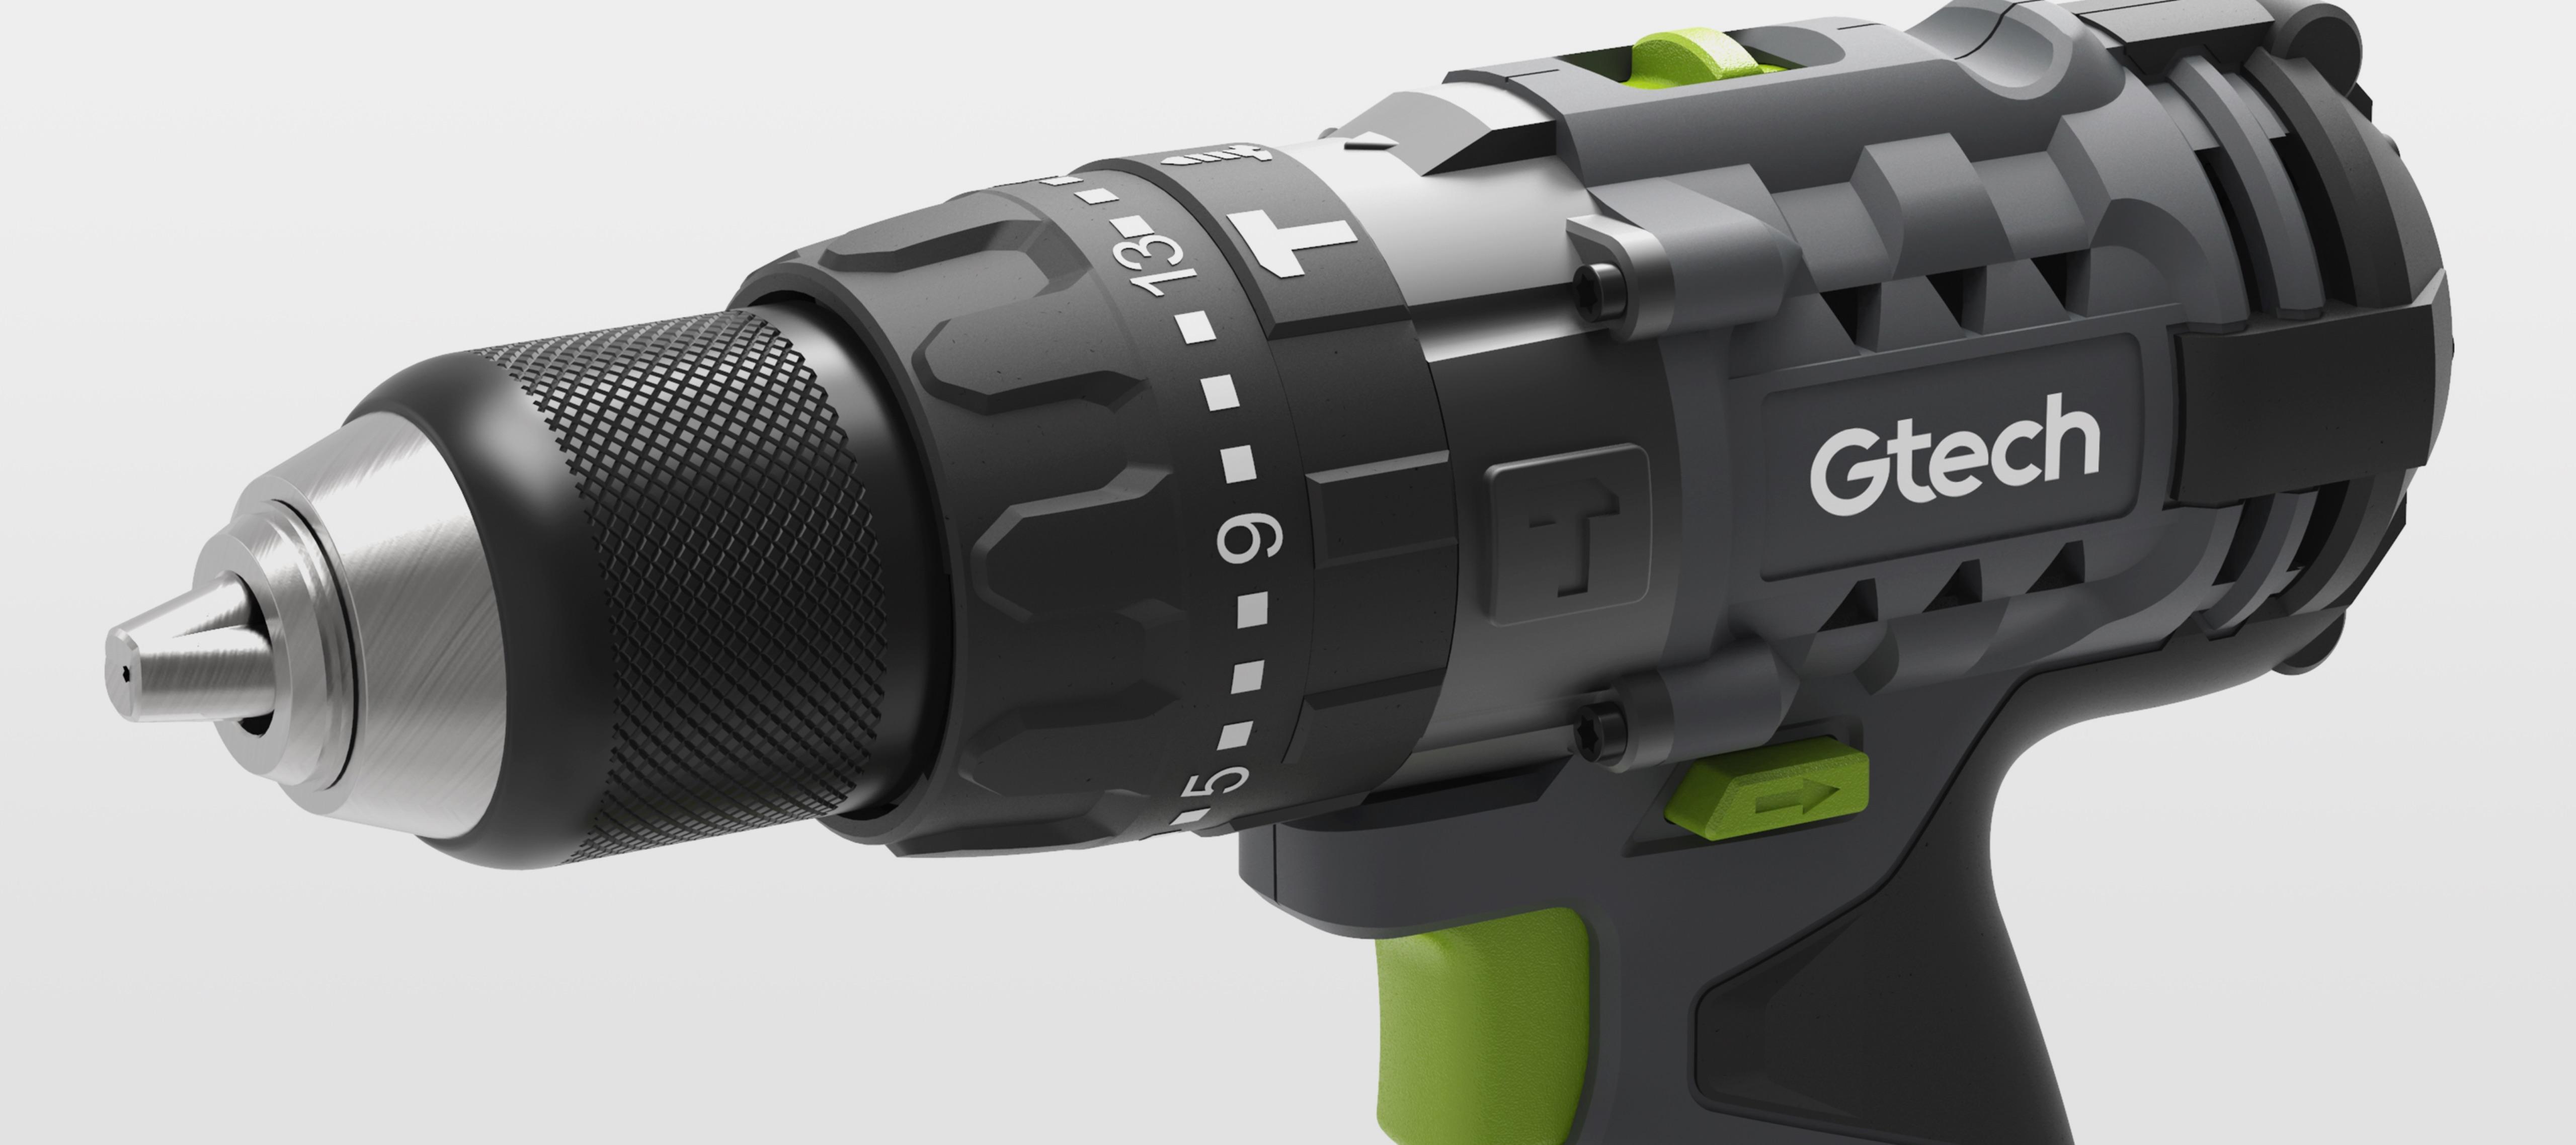 Cordless combi drill controls